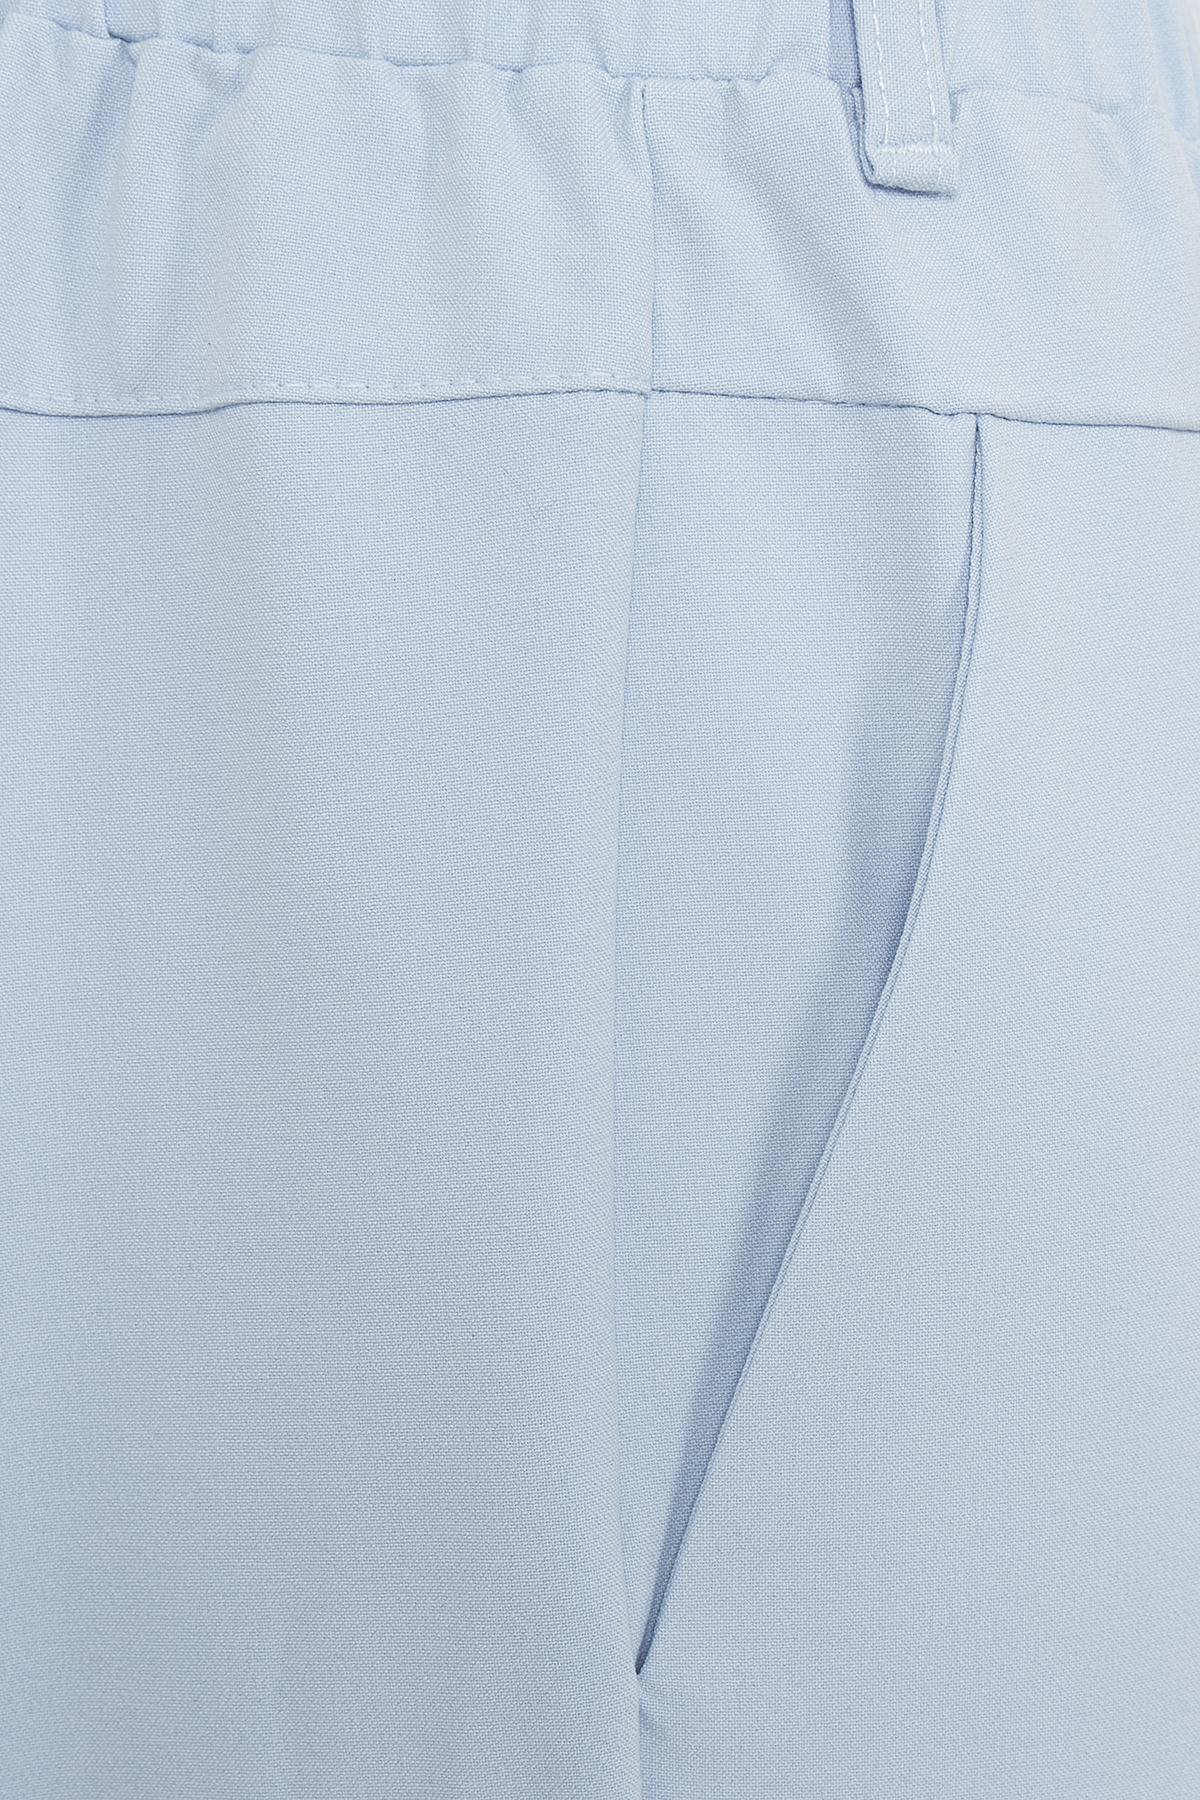 Blå Bukser fra Kaffe – Køb Blå Bukser fra str. 32-46 her